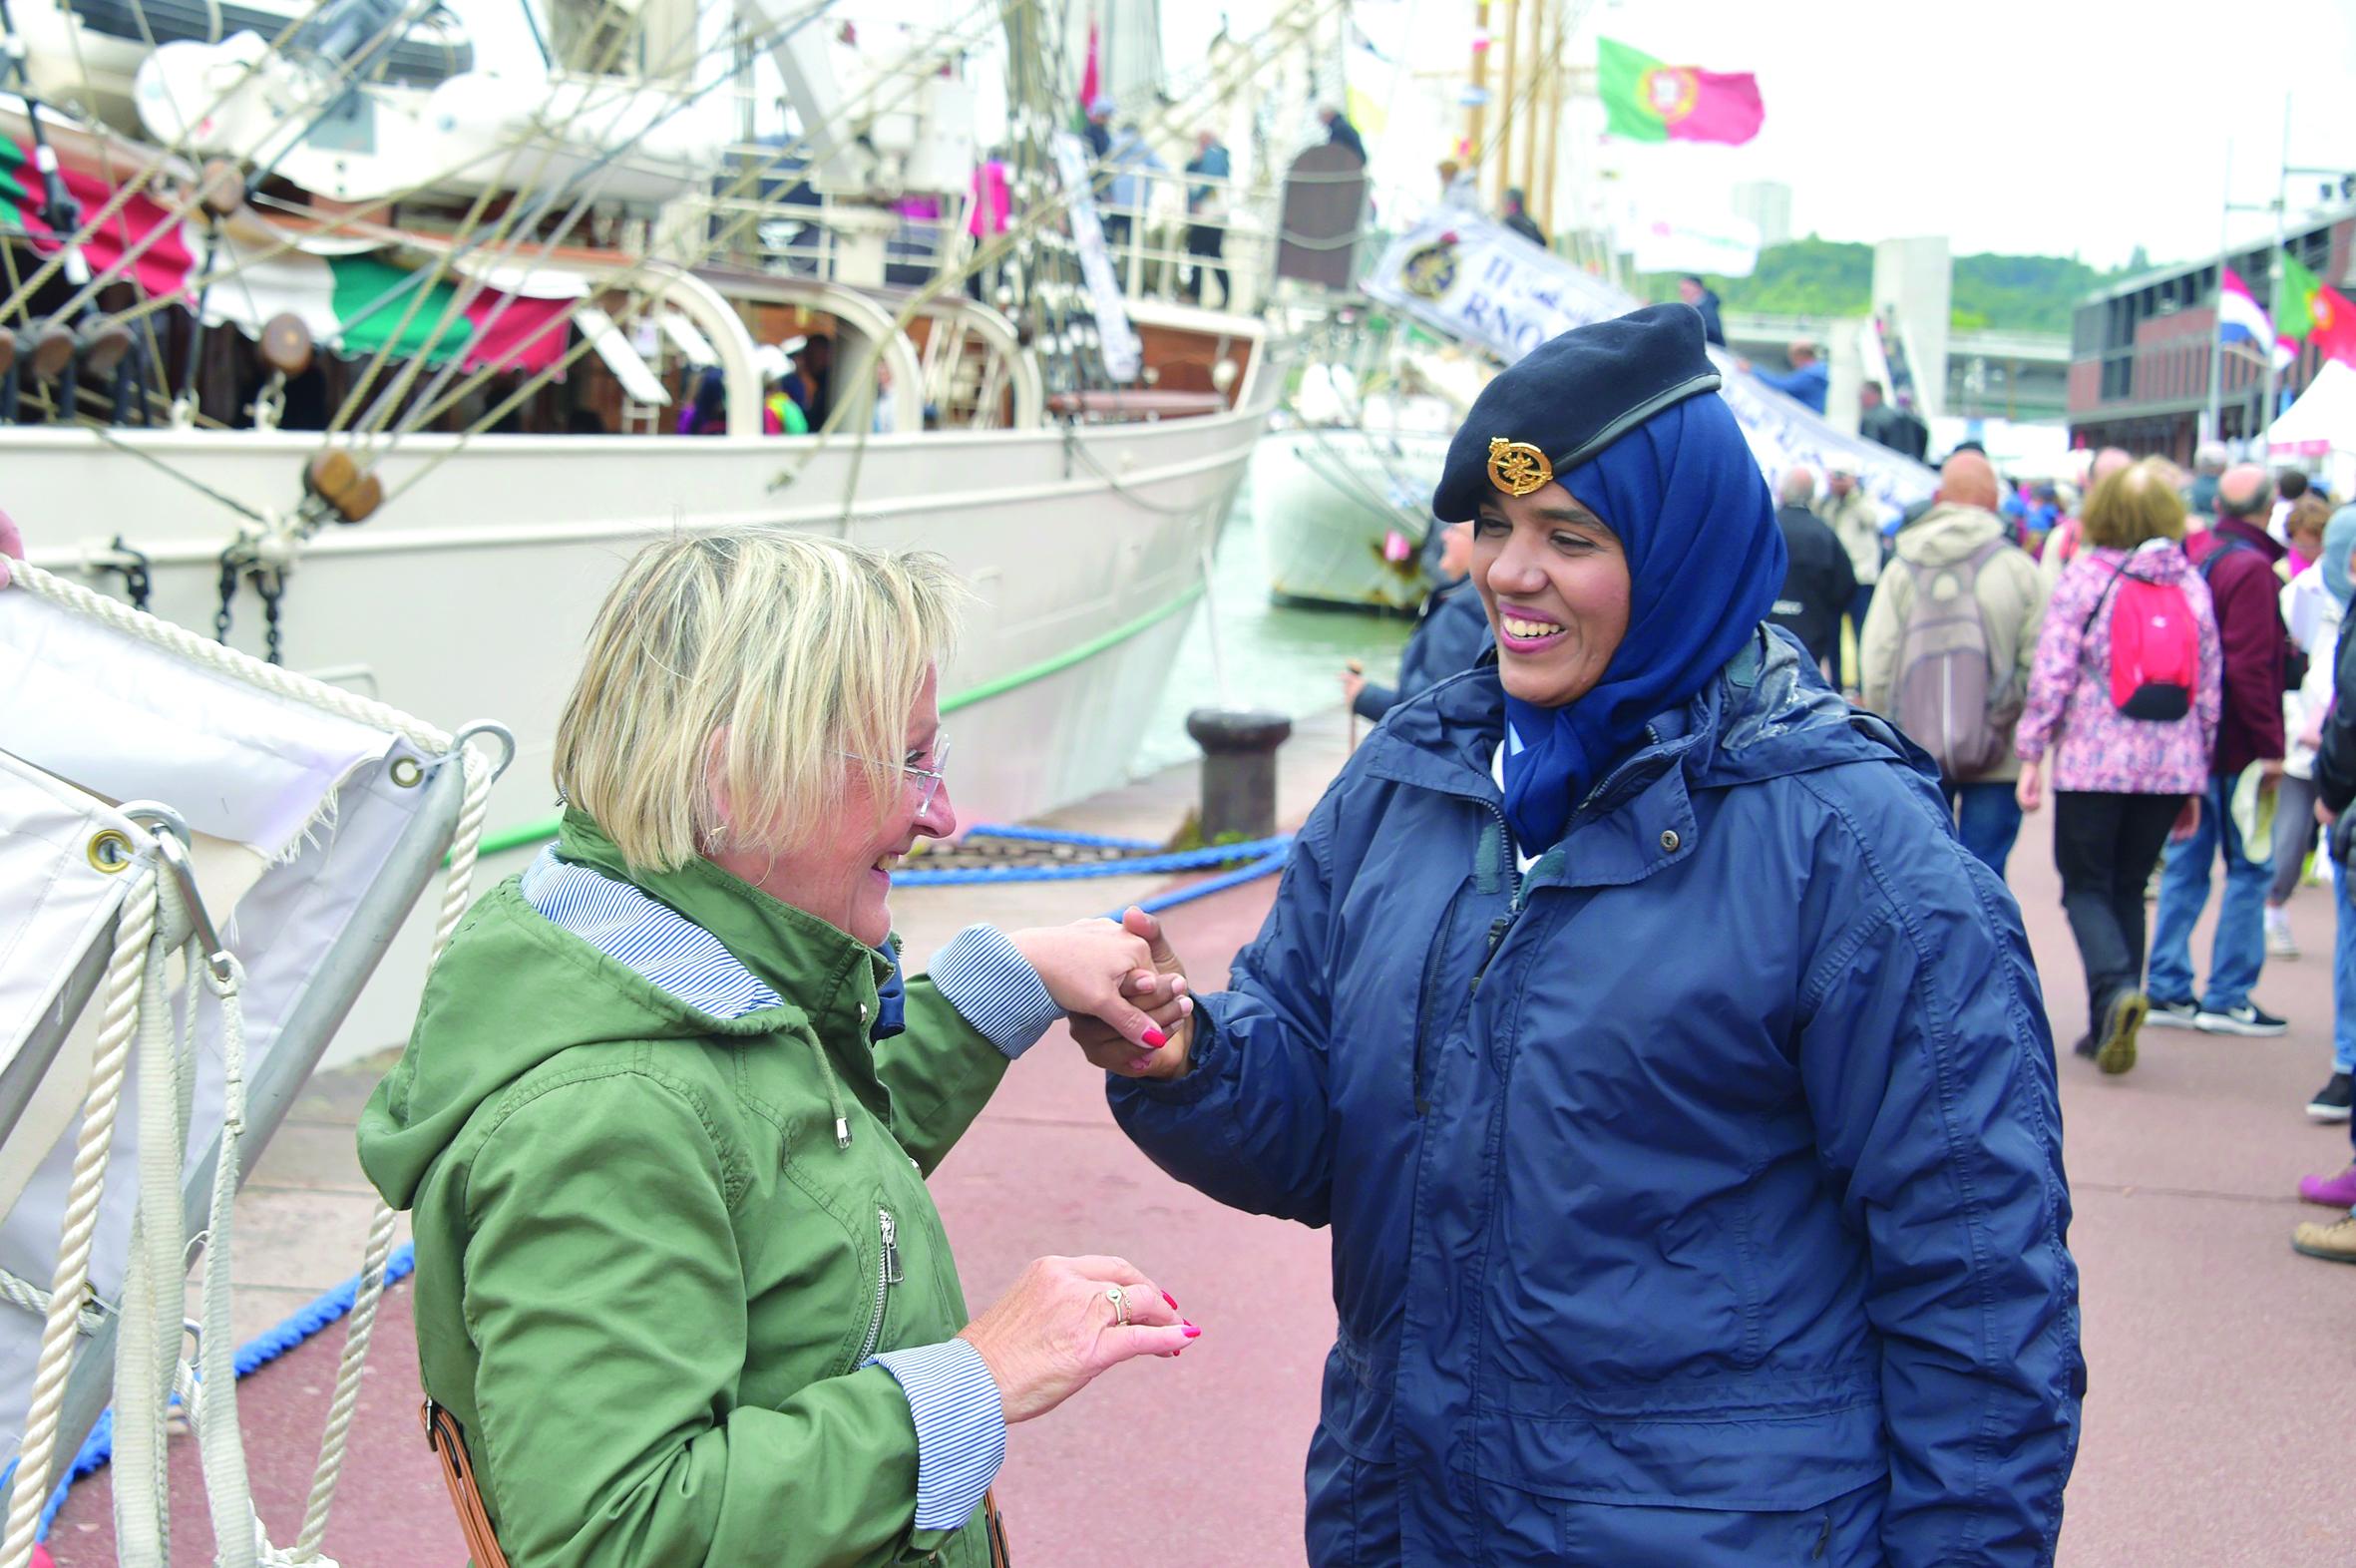 في المهرجان البحري الفرنسي«شباب عمان الثانية» تخطف الأنظار